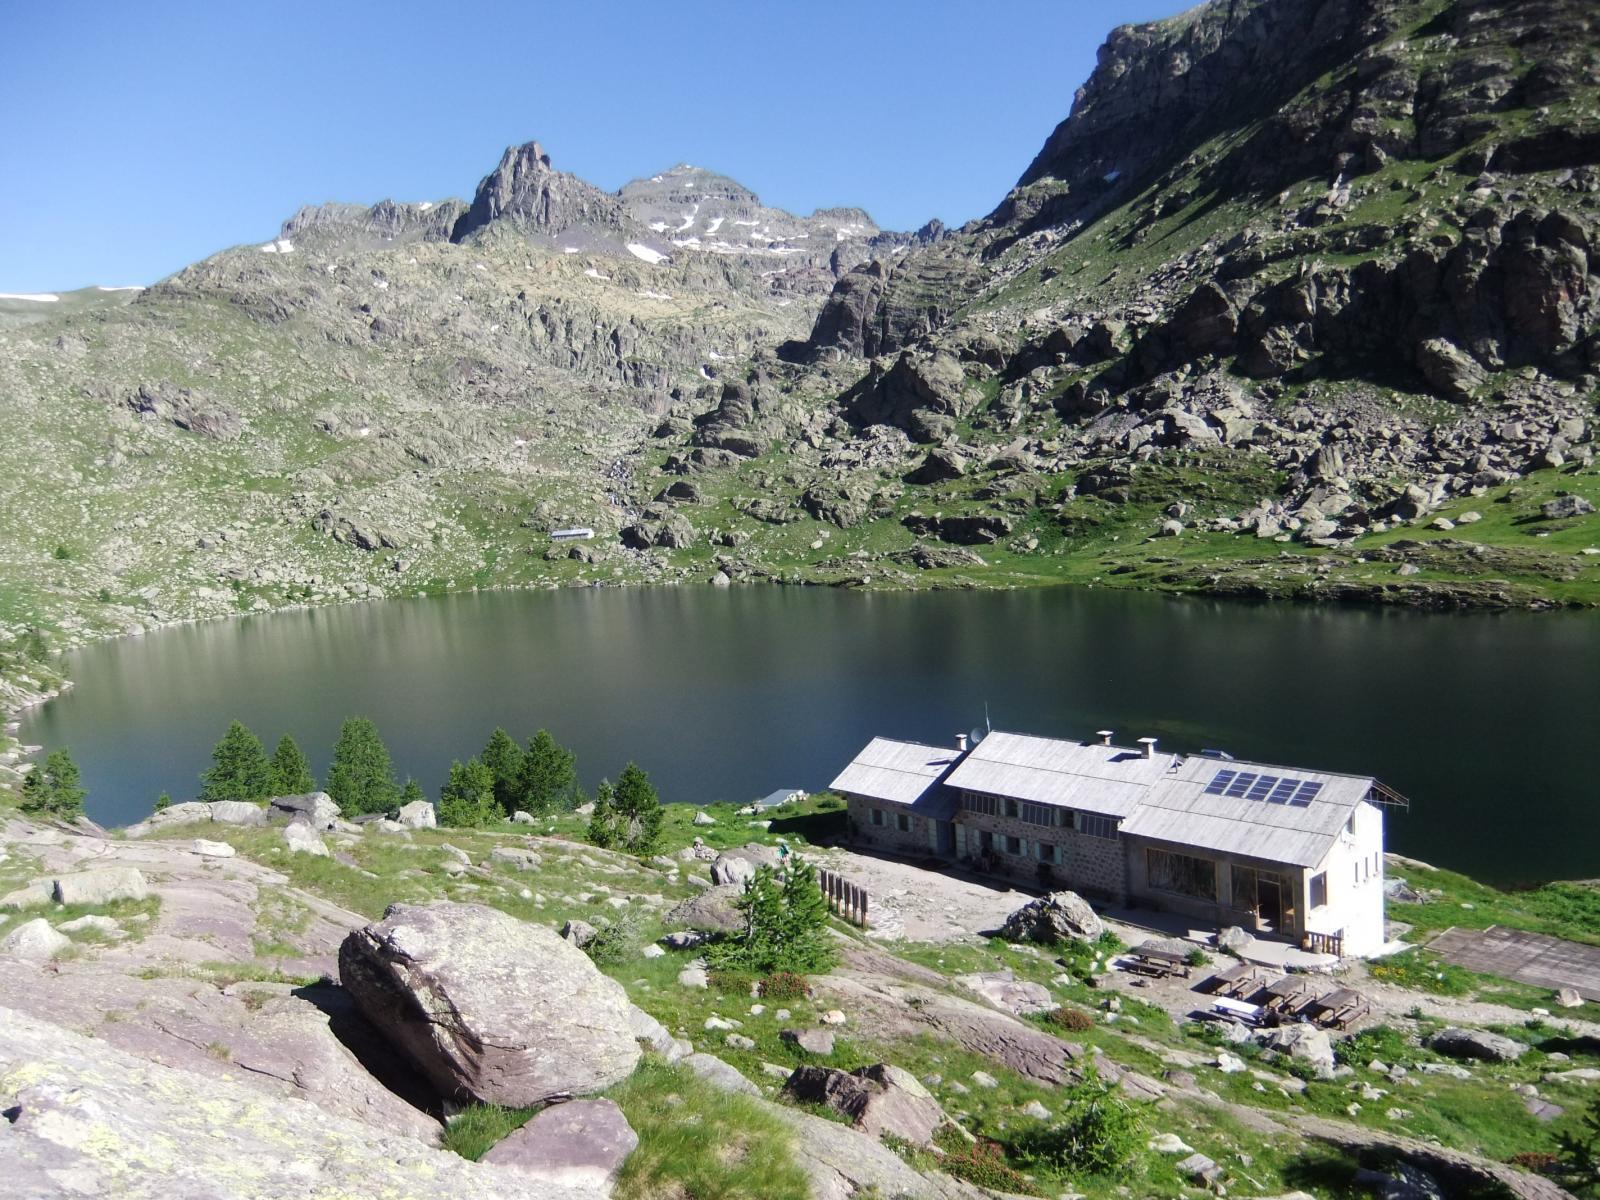 Rifugio,Lago LUngo Superiore e Cima delle Meraviglie